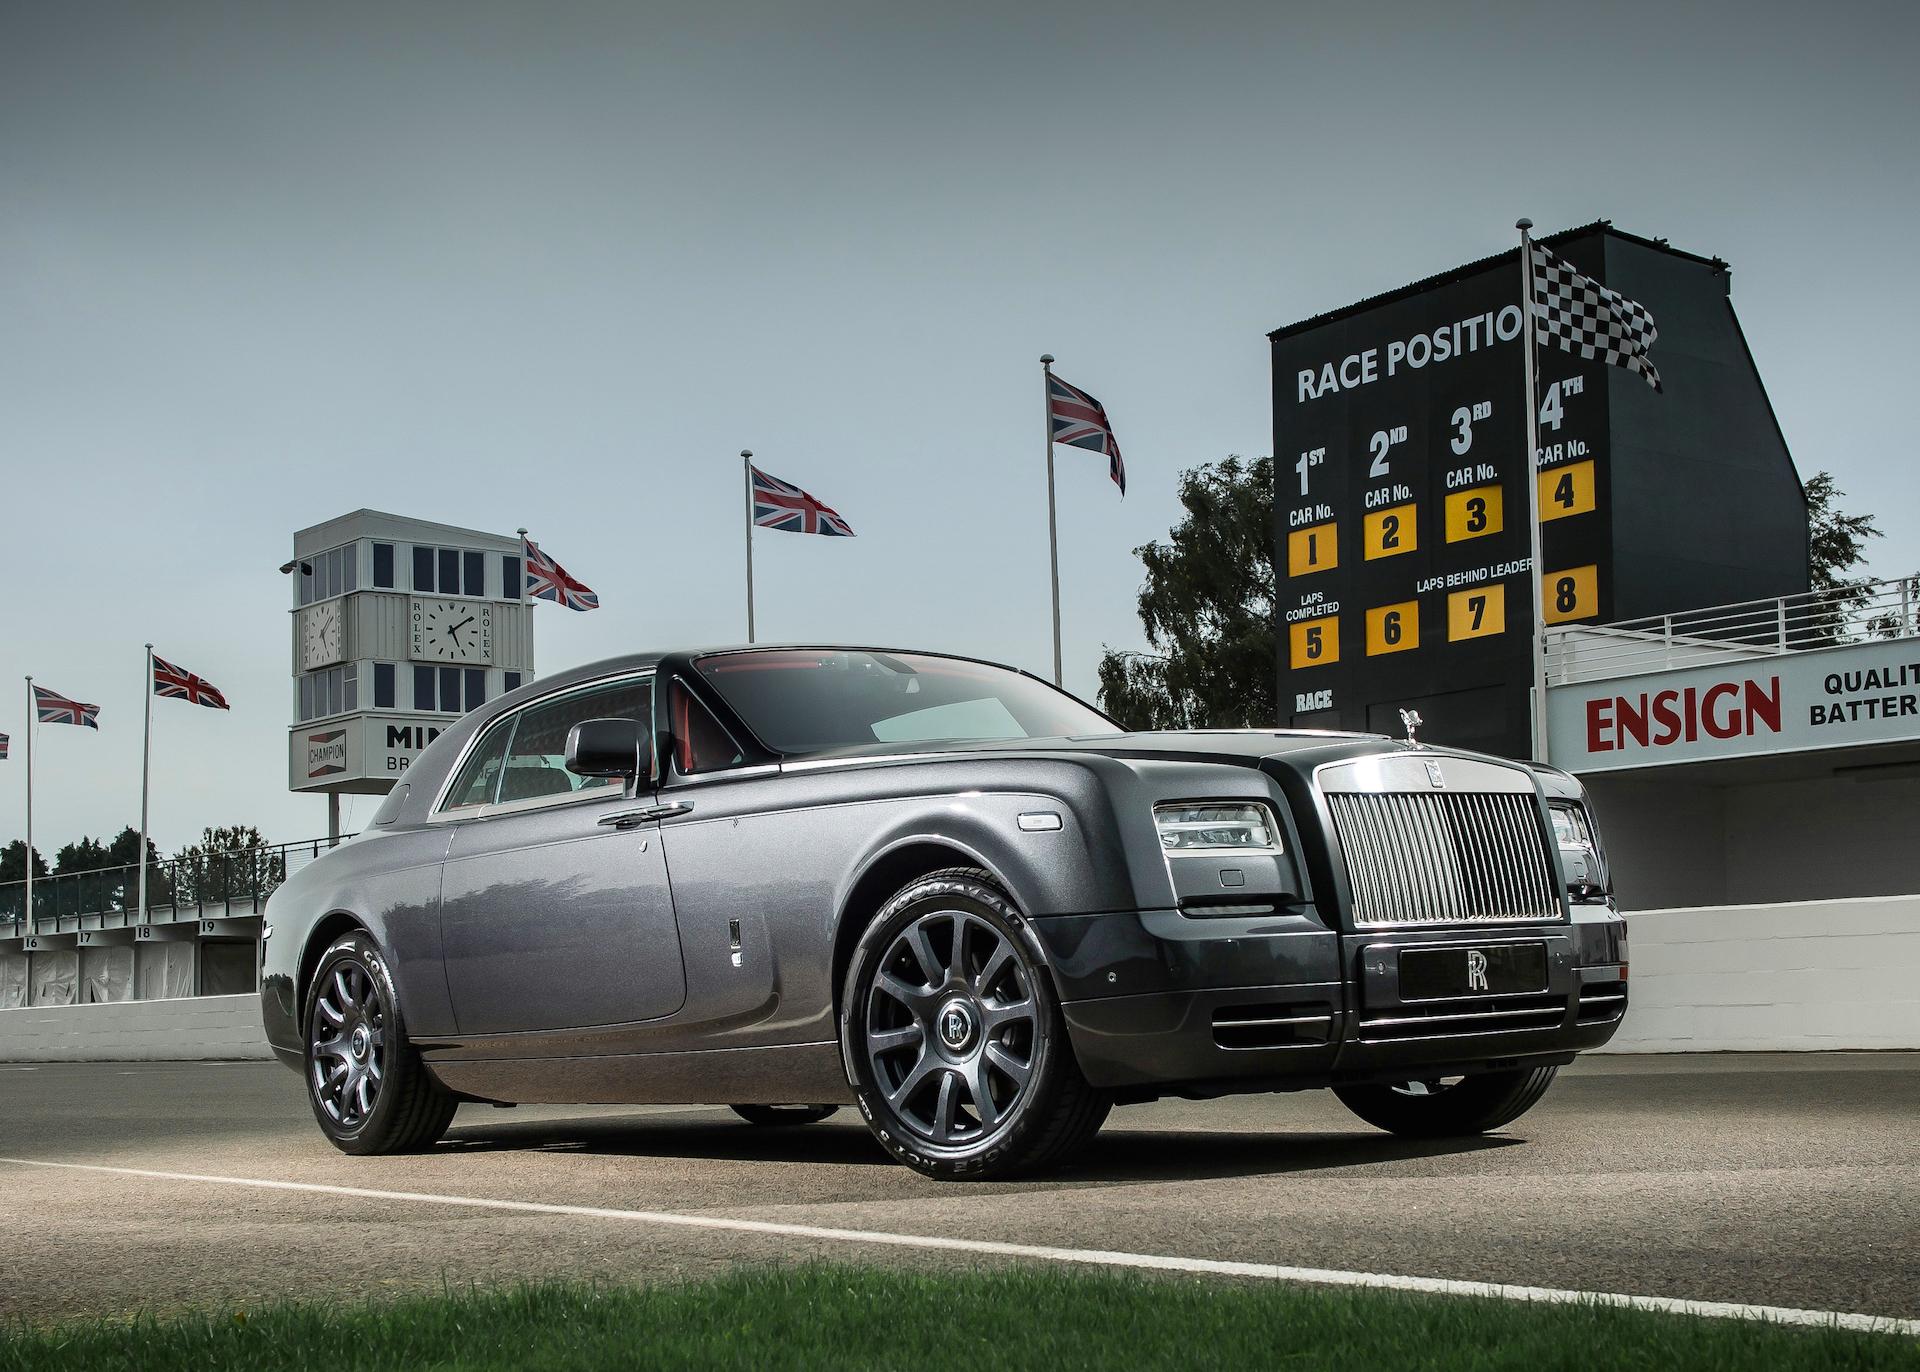 Photo of В Wheely появится Maybach и Rolls-Royce в качестве такси Wheely Maybach и Rolls-Royce В Wheely появится Maybach и Rolls-Royce в качестве такси IMG 2653